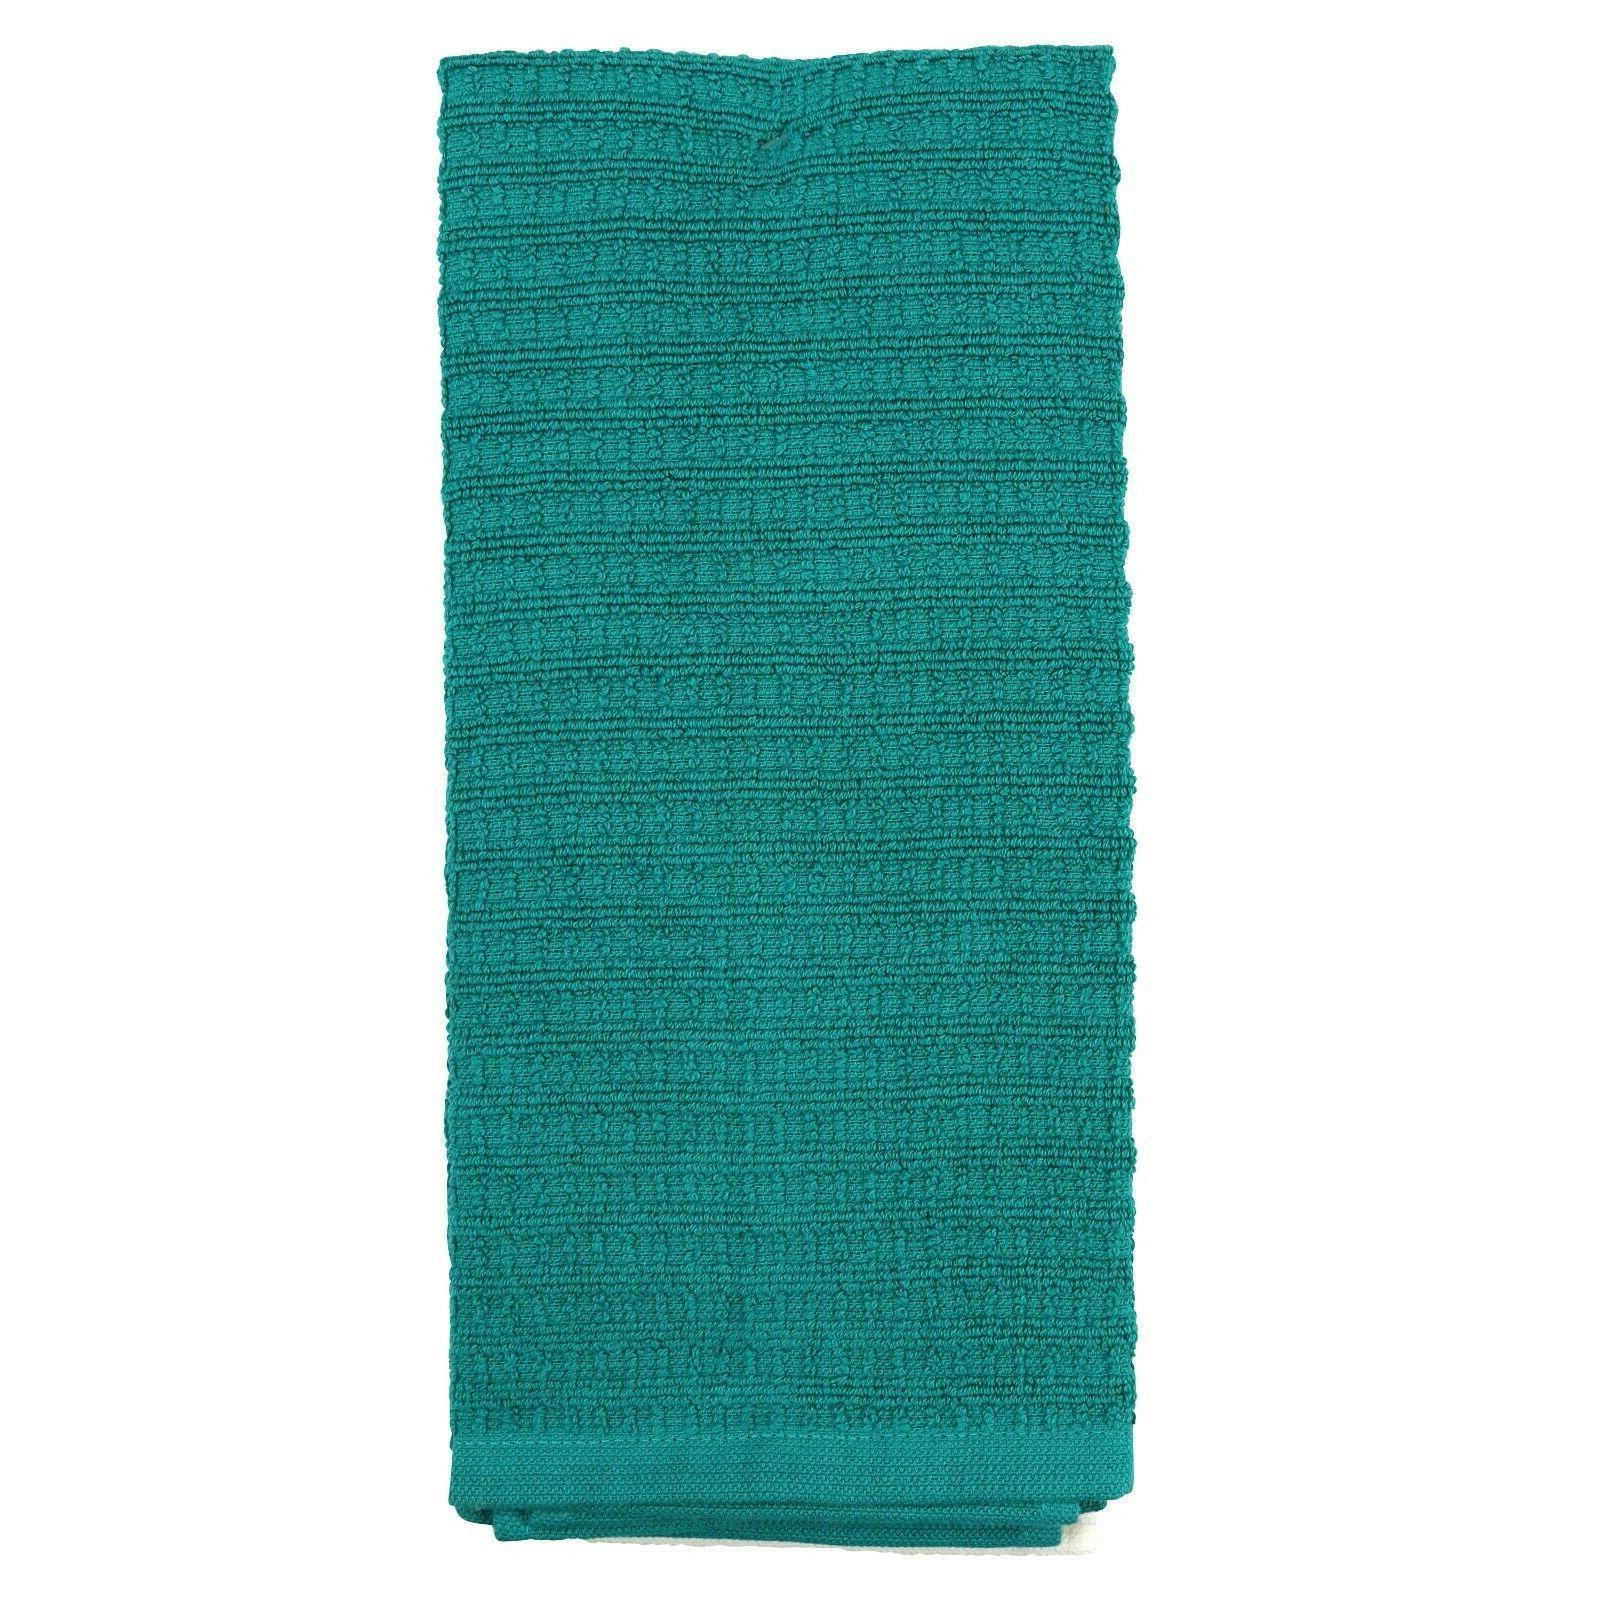 Set 2 Kitchen Towels Design - 16 26 Cotton Towels